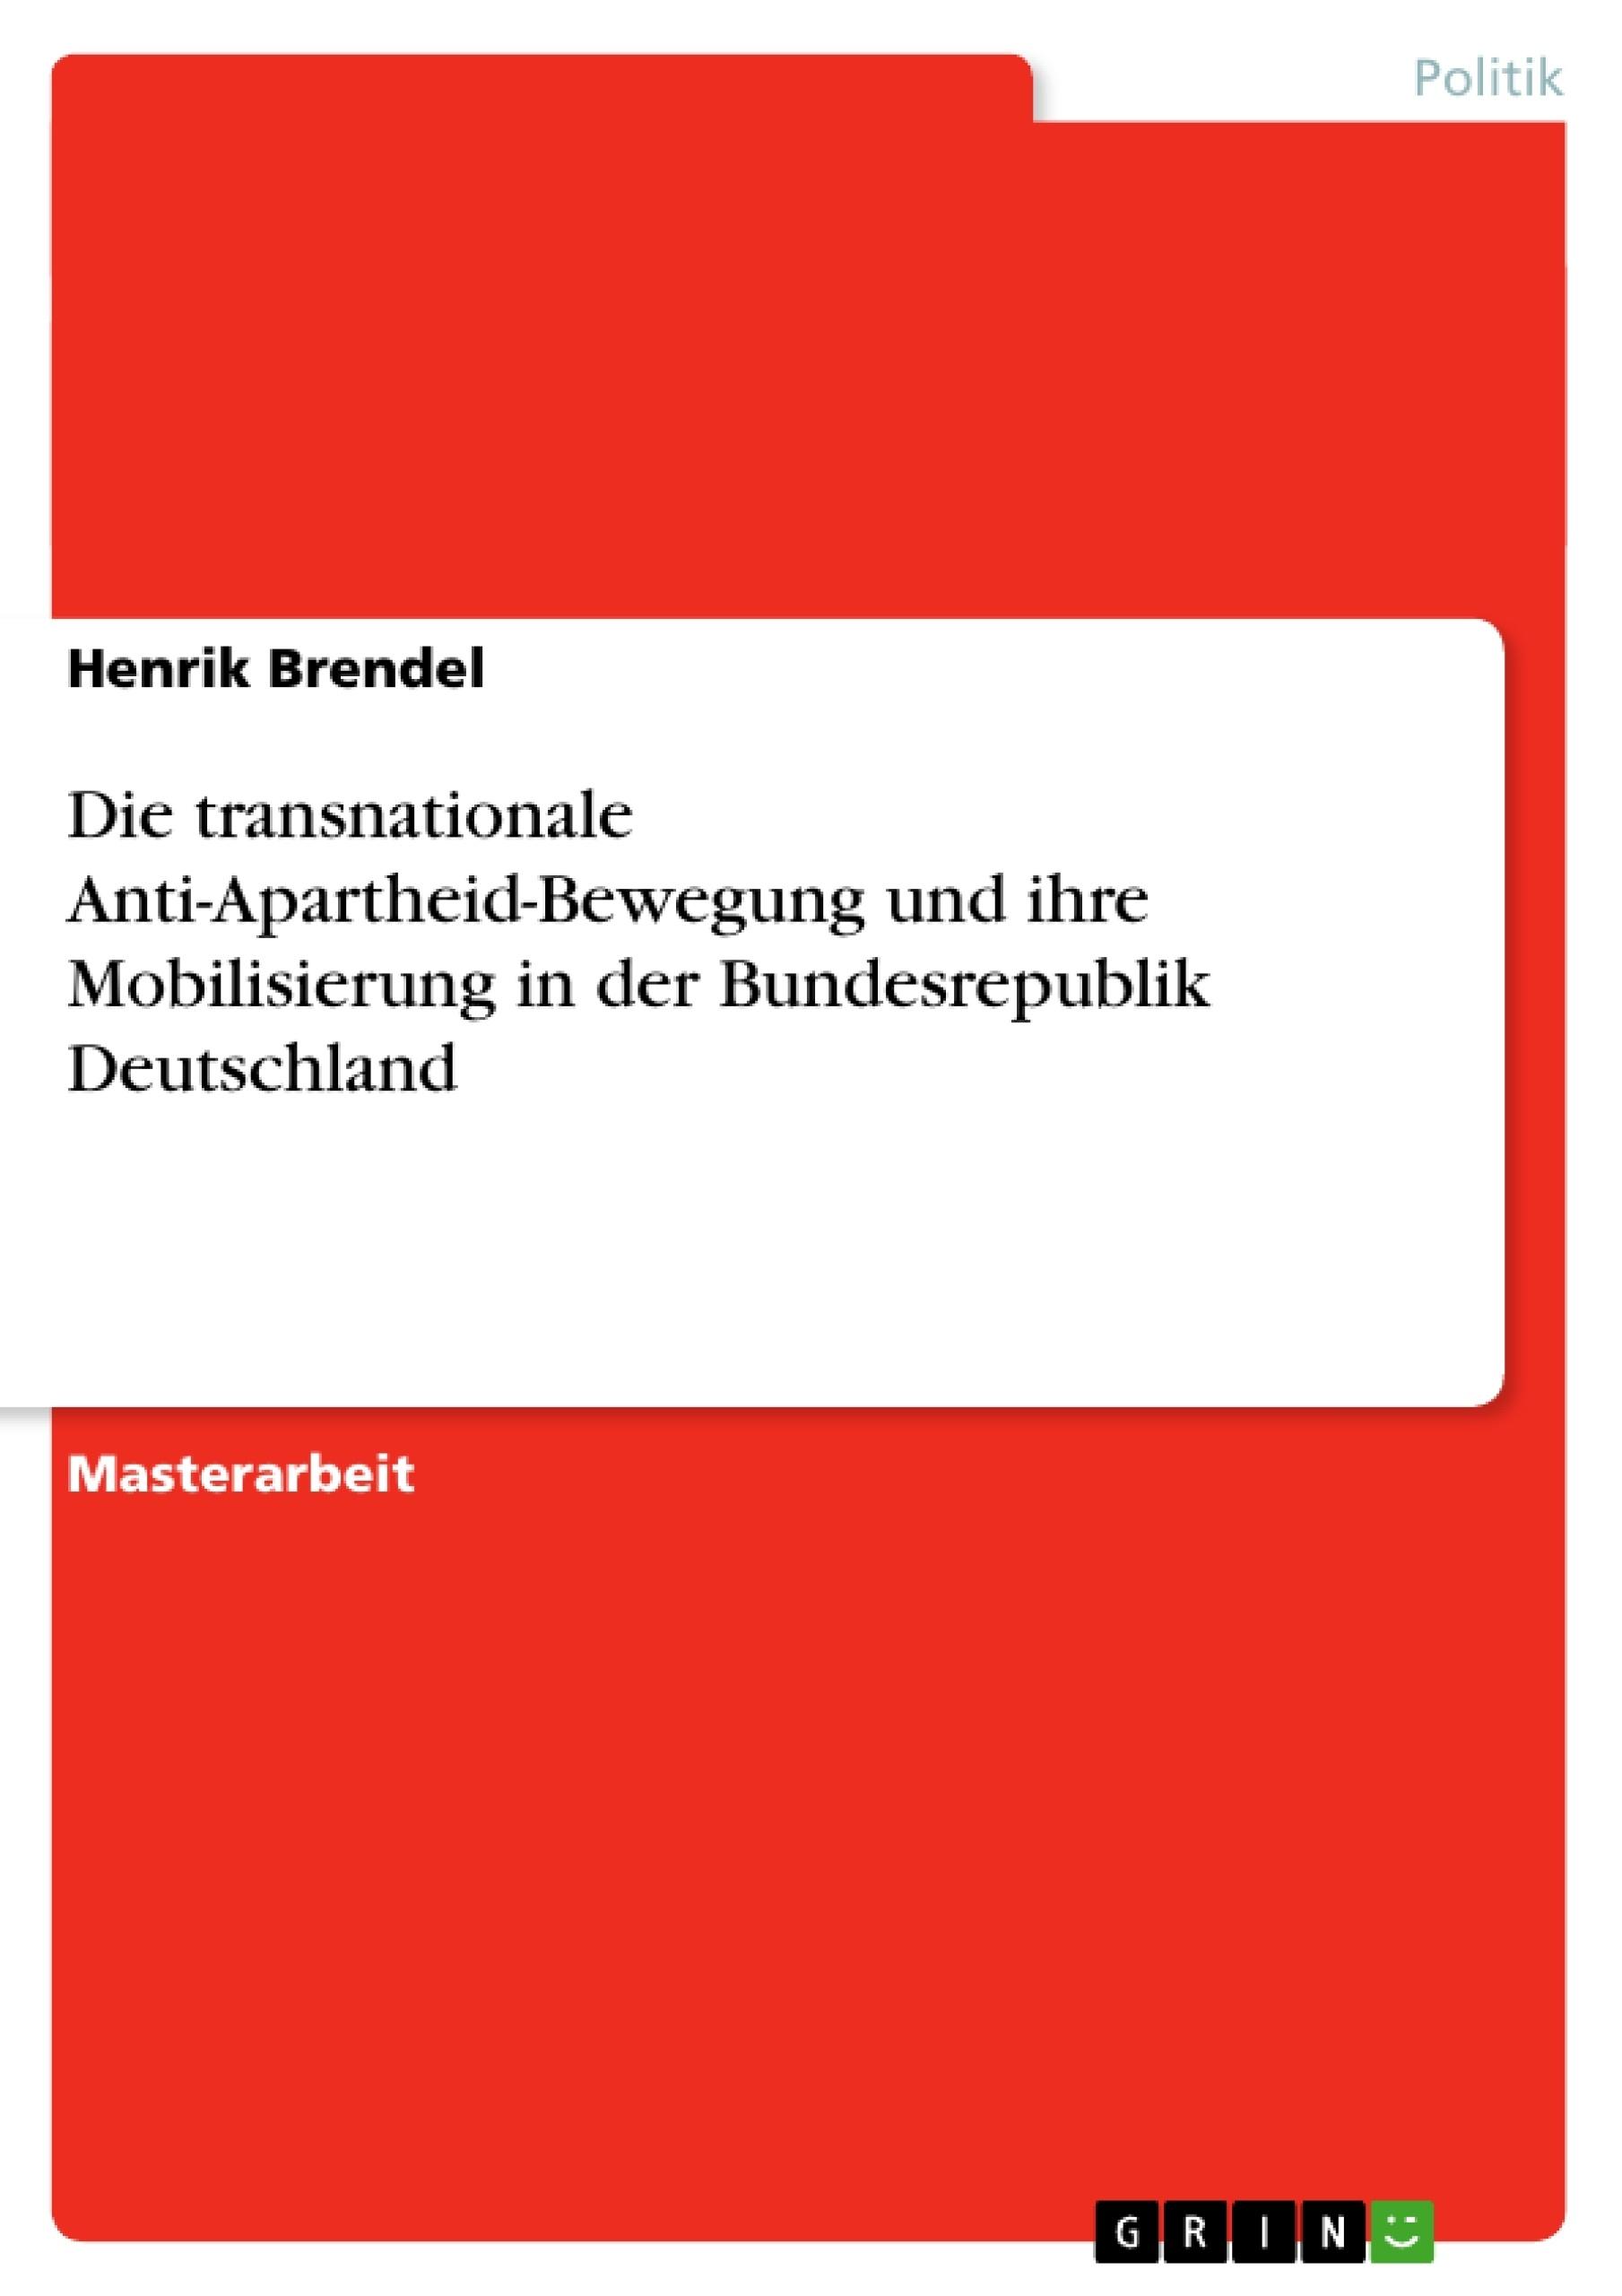 Titel: Die transnationale Anti-Apartheid-Bewegung und ihre Mobilisierung in der Bundesrepublik Deutschland